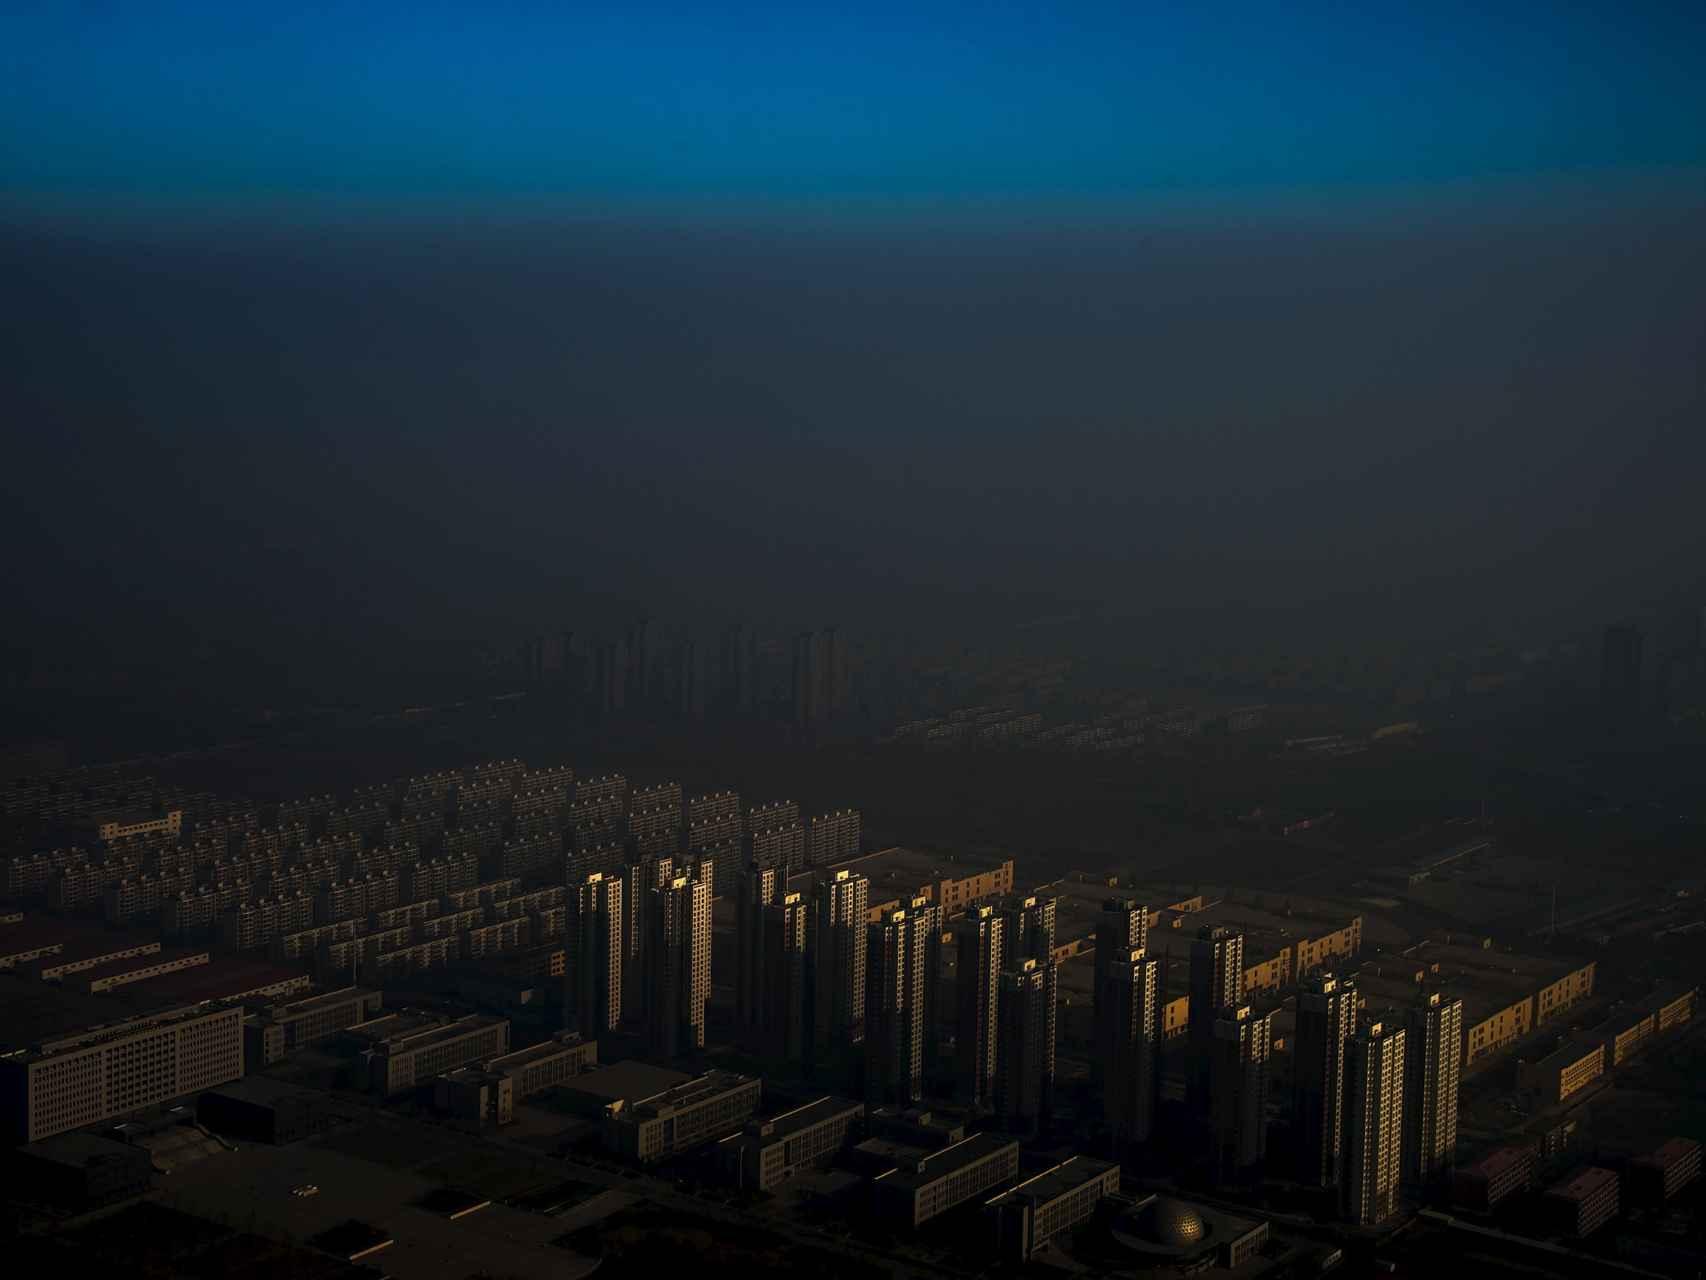 Calima (contaminación) en Tiajin, China.